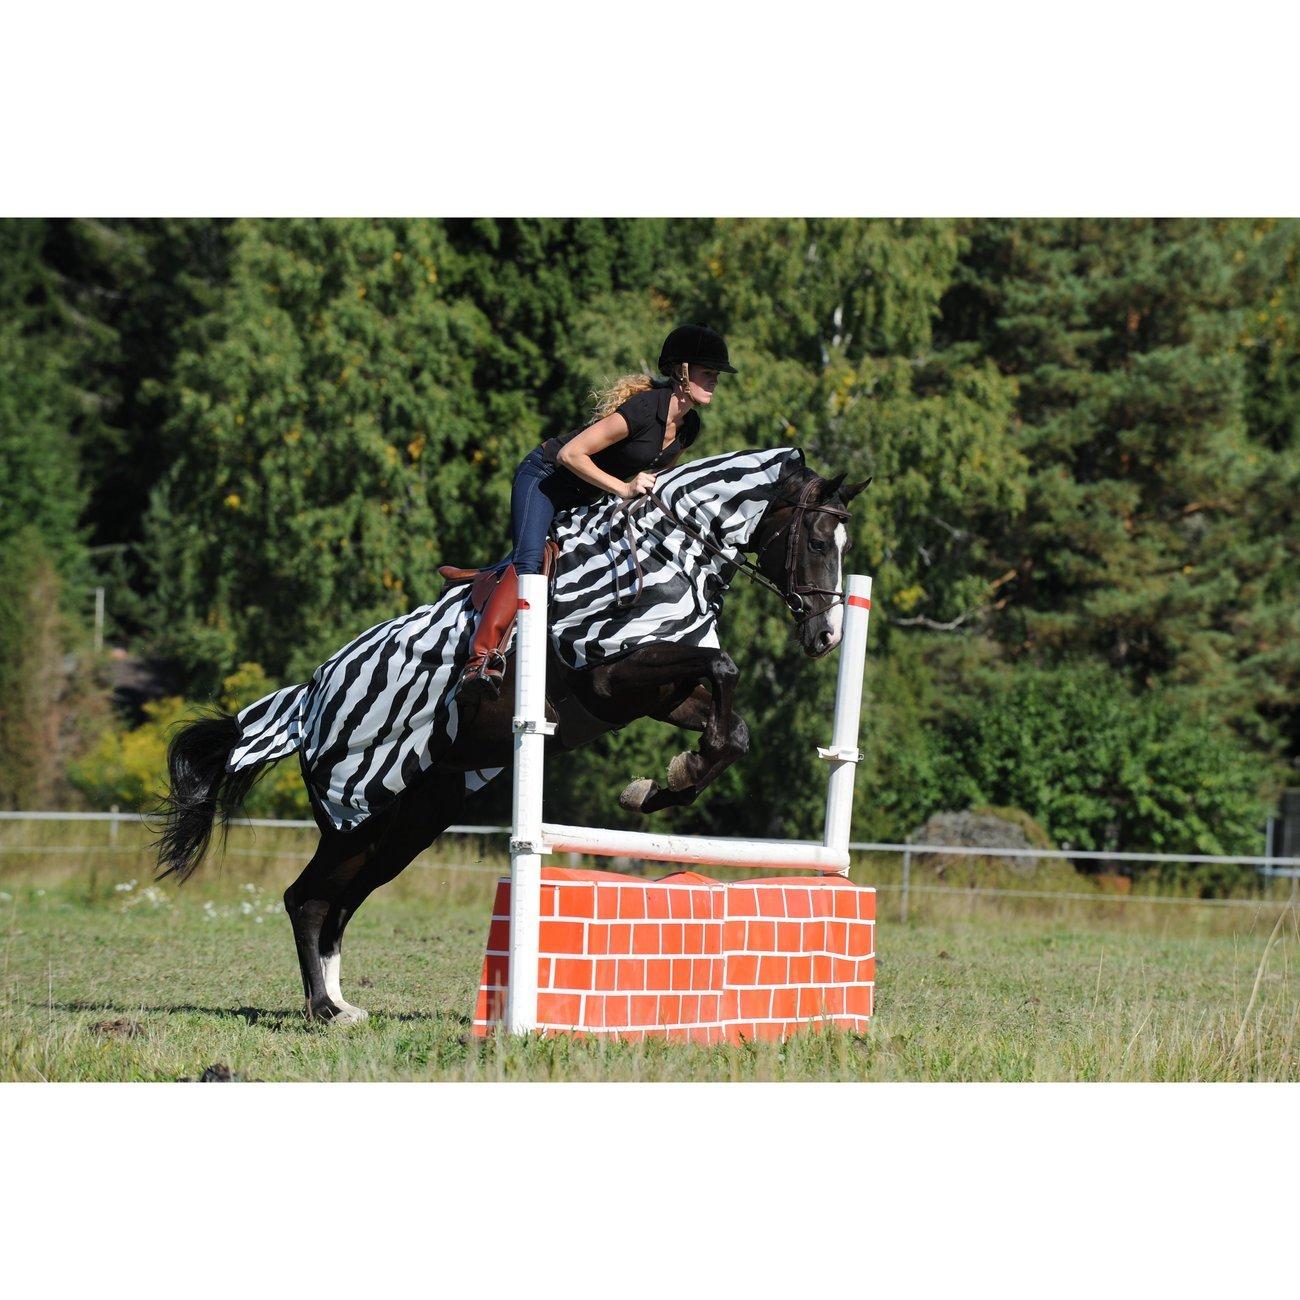 Buzz Off Riding Zebra Ausreitdecke Bild 2